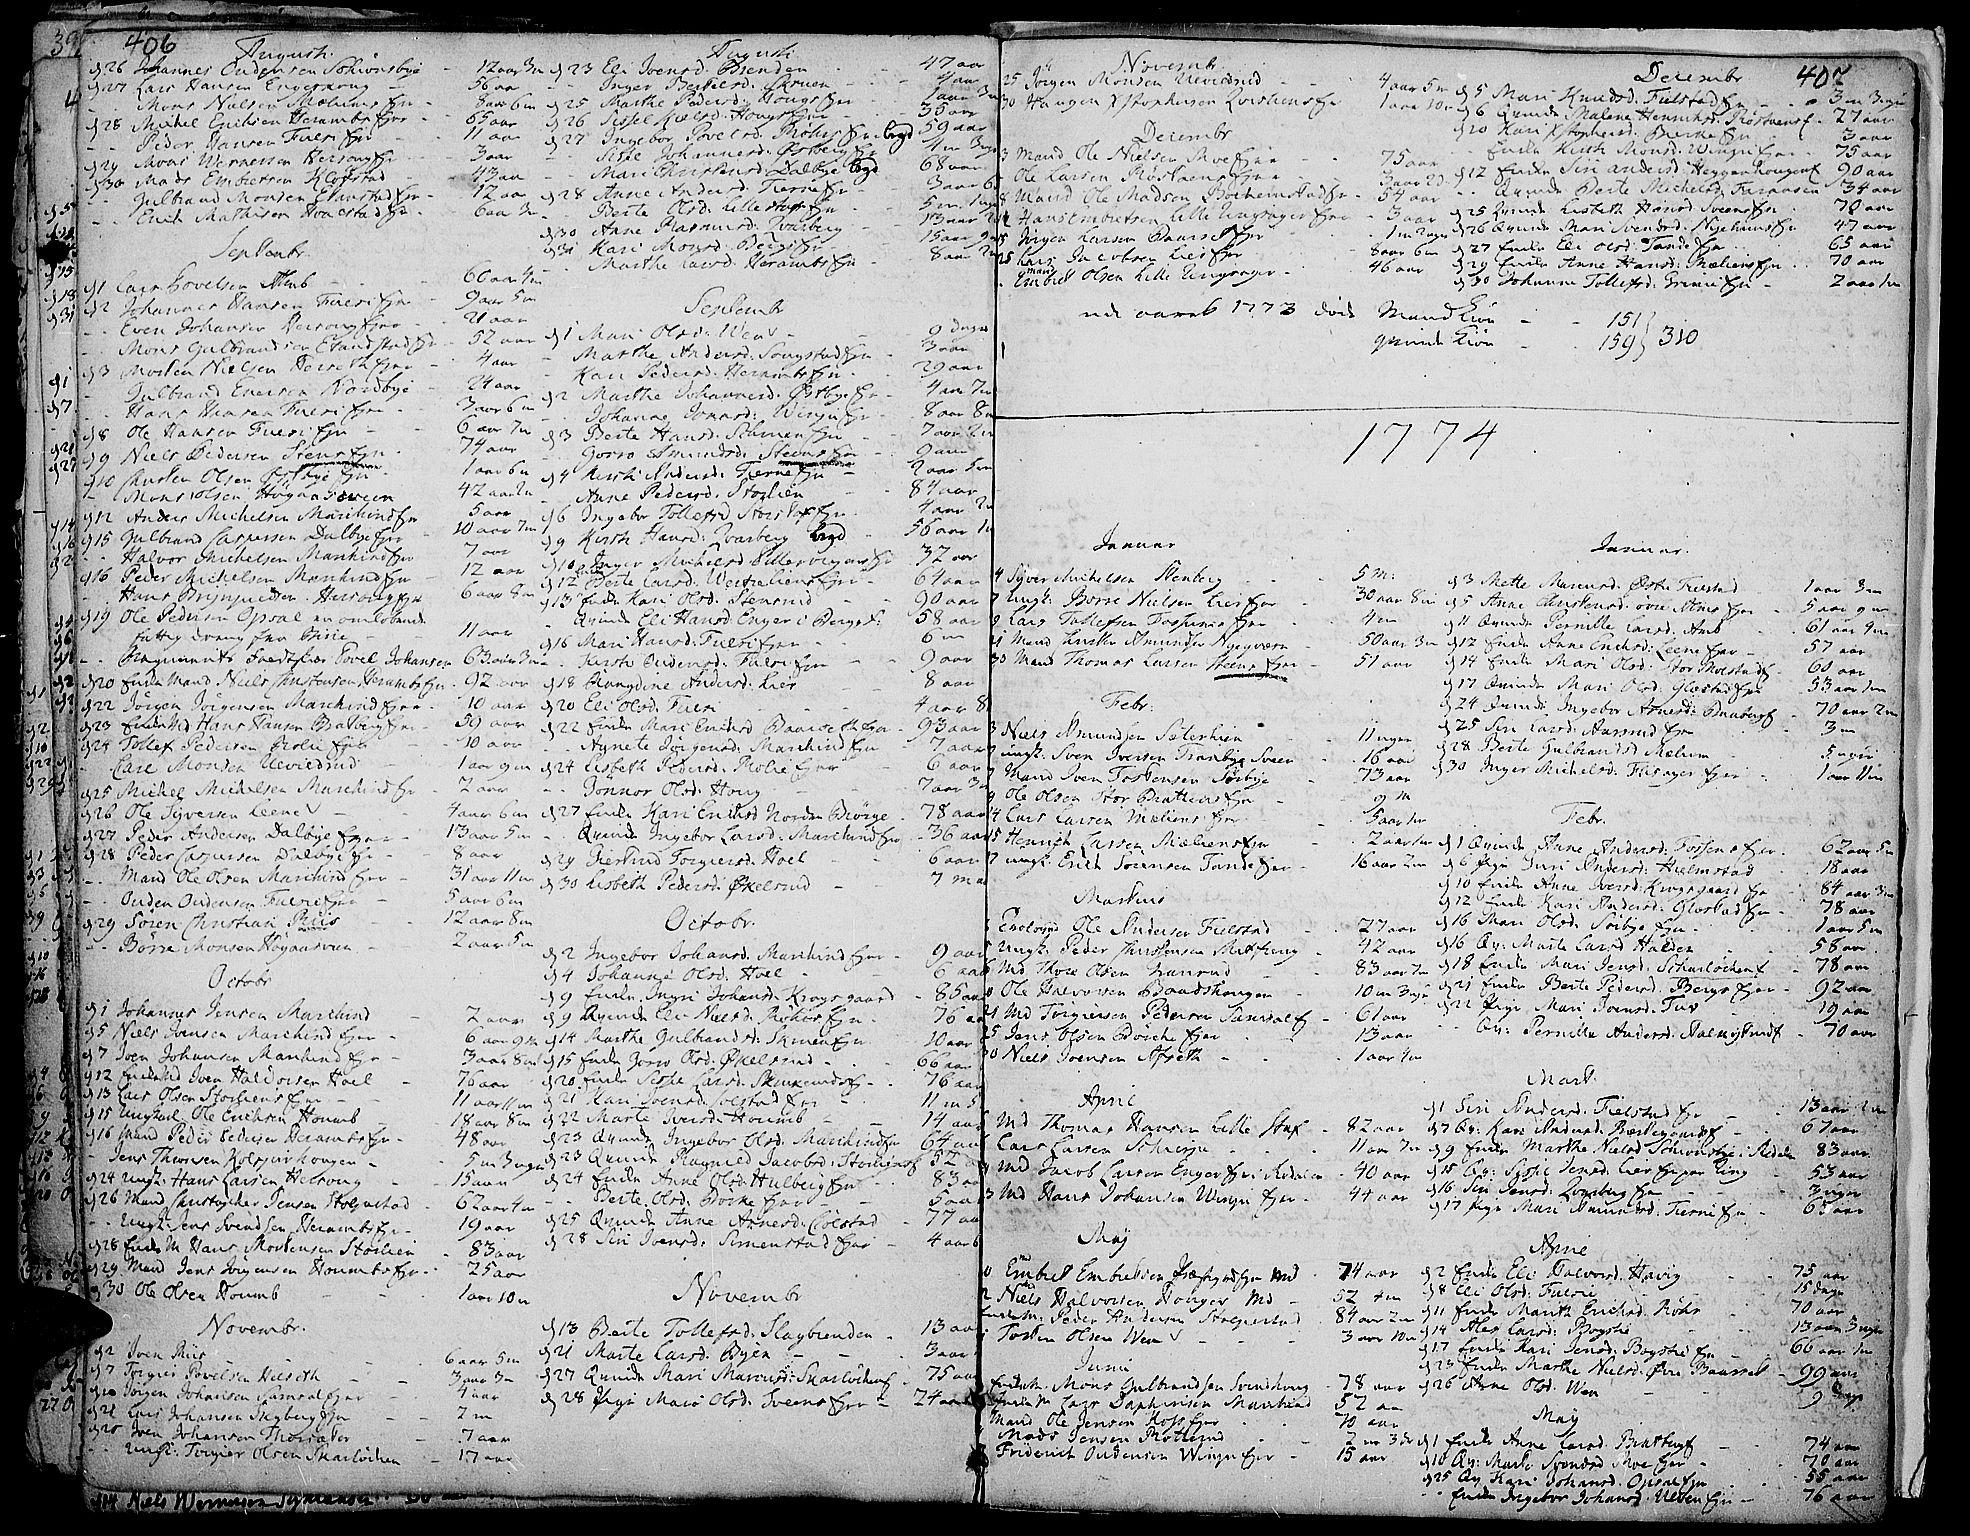 SAH, Ringsaker prestekontor, K/Ka/L0002: Ministerialbok nr. 2, 1747-1774, s. 406-407